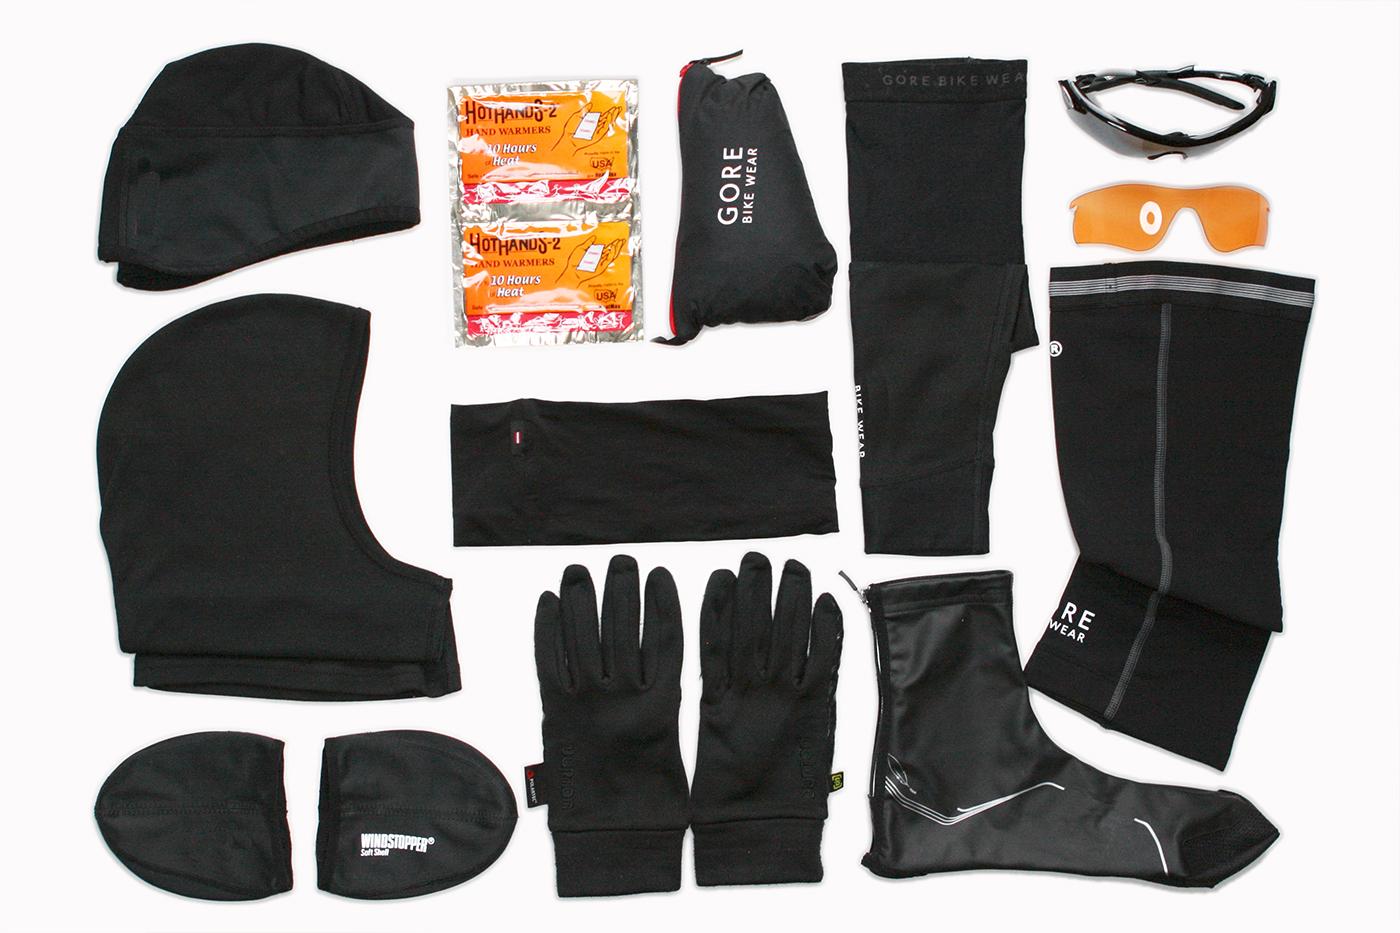 SUGAR & PAIN KNOW-HOW Essentielle Warmmacher für den Radwinter / Gegen Kälte, Wind und Nässe hat sich das Zwiebelprinzip für den Radwinter mit Rennrad oder Mountainbike bestens bewehrt. Ohne diesen essentiellen Warmmachern für Hände, Kopf und Füße allerdings, währt das Wintertraining nur von kurzer Dauer und wenig Freude © stefandrexl.com